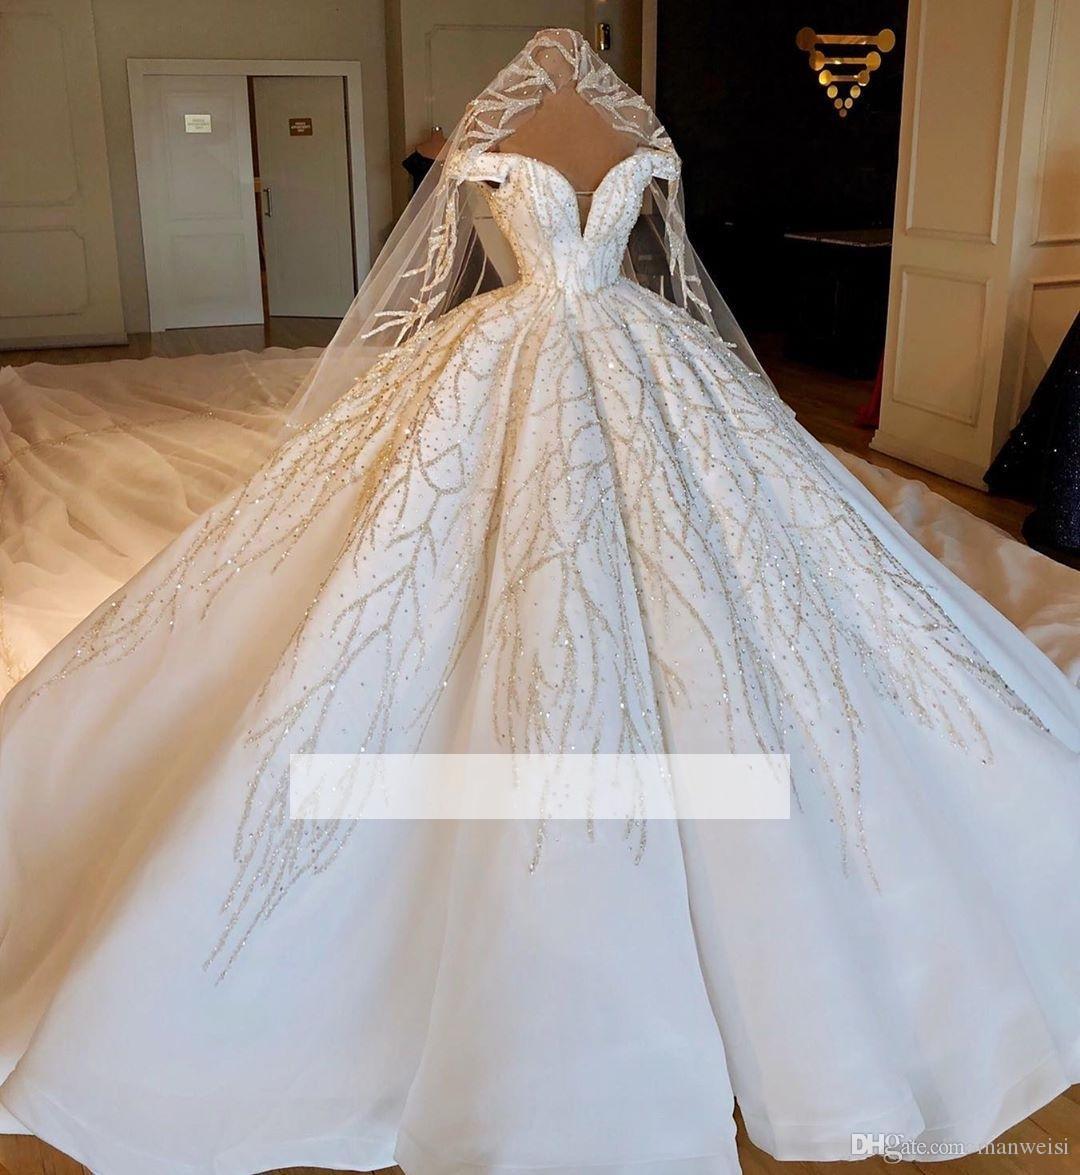 2019 Luxe Robes De Mariée Robe De Bal Bouffante Hors De L Epaule Perlage Princesse Robes De Mariée Robes De Fiançailles Cathédrale Train